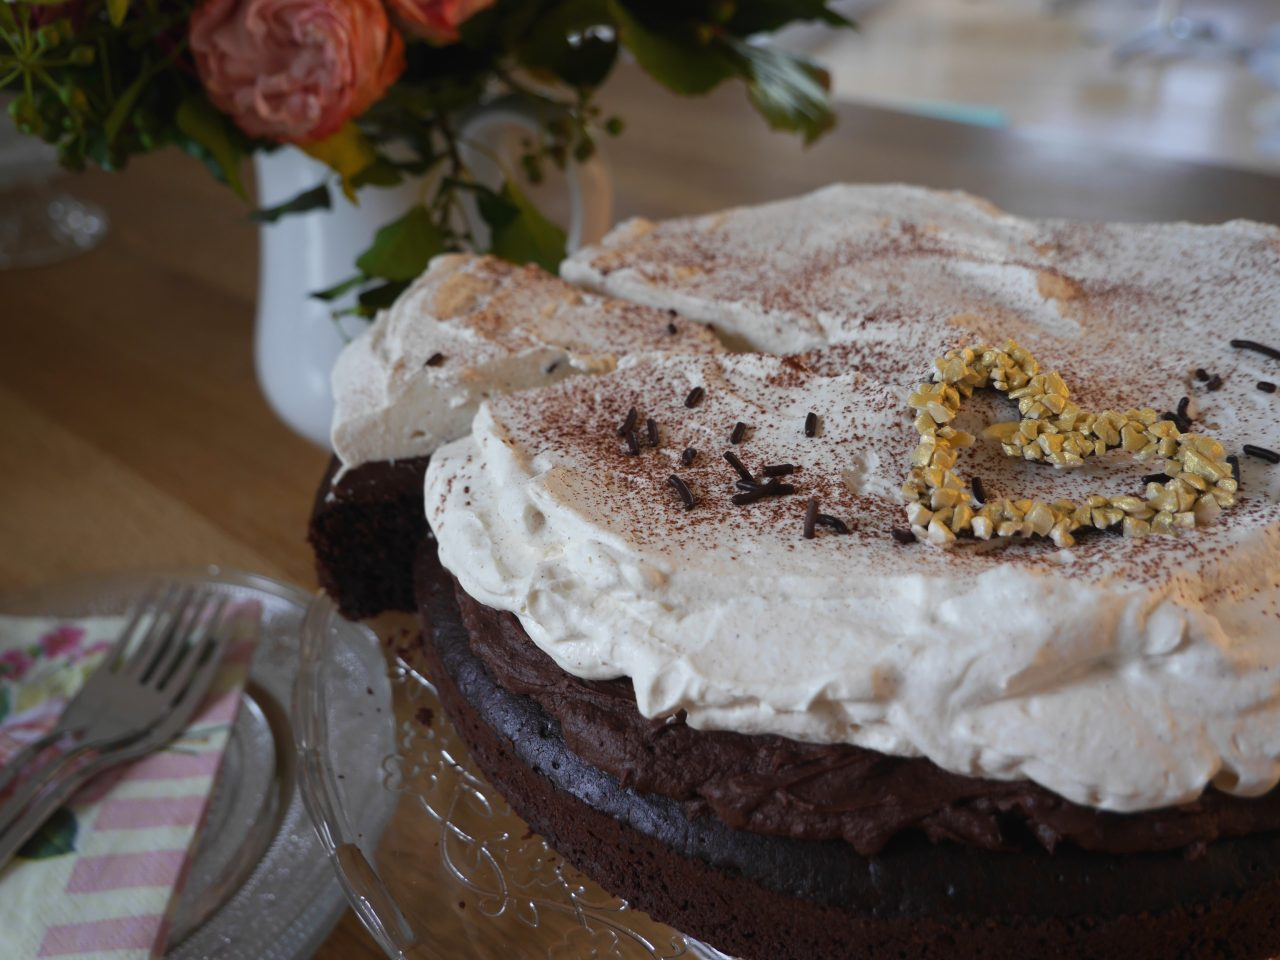 backen kuchen rezept köln beste schokolade